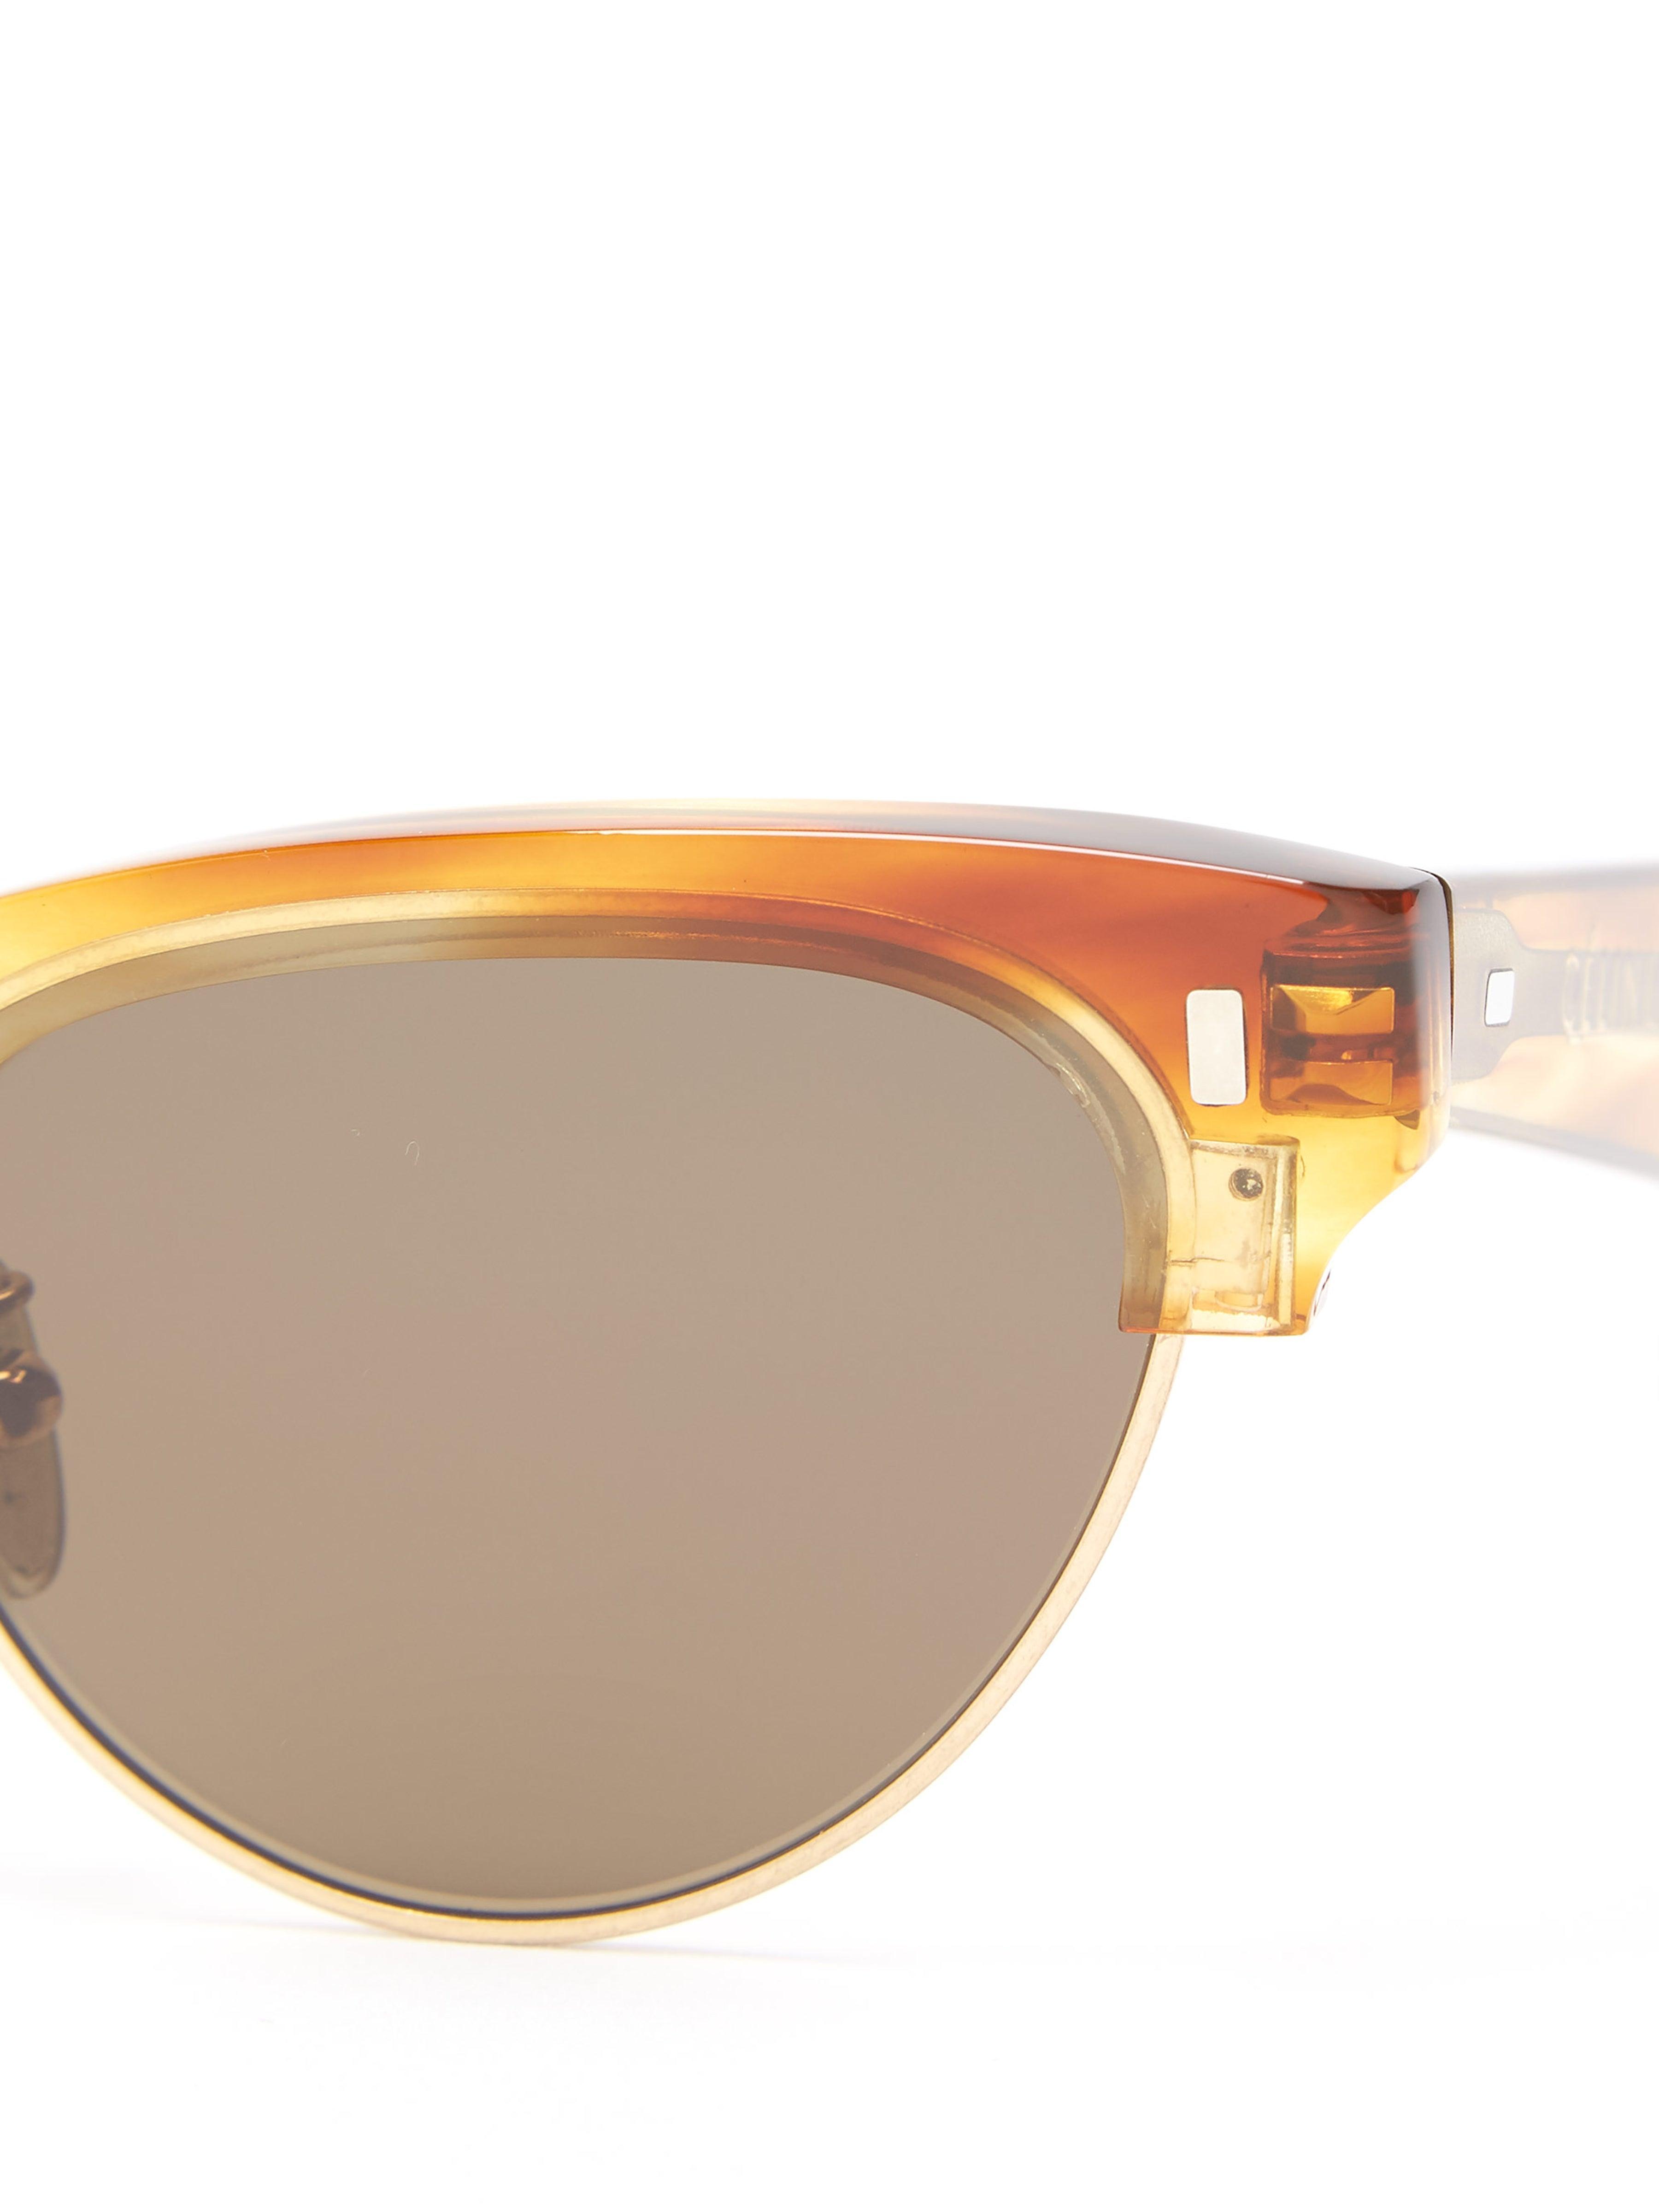 Celine Leather Round Tortoiseshell-acetate Sunglasses